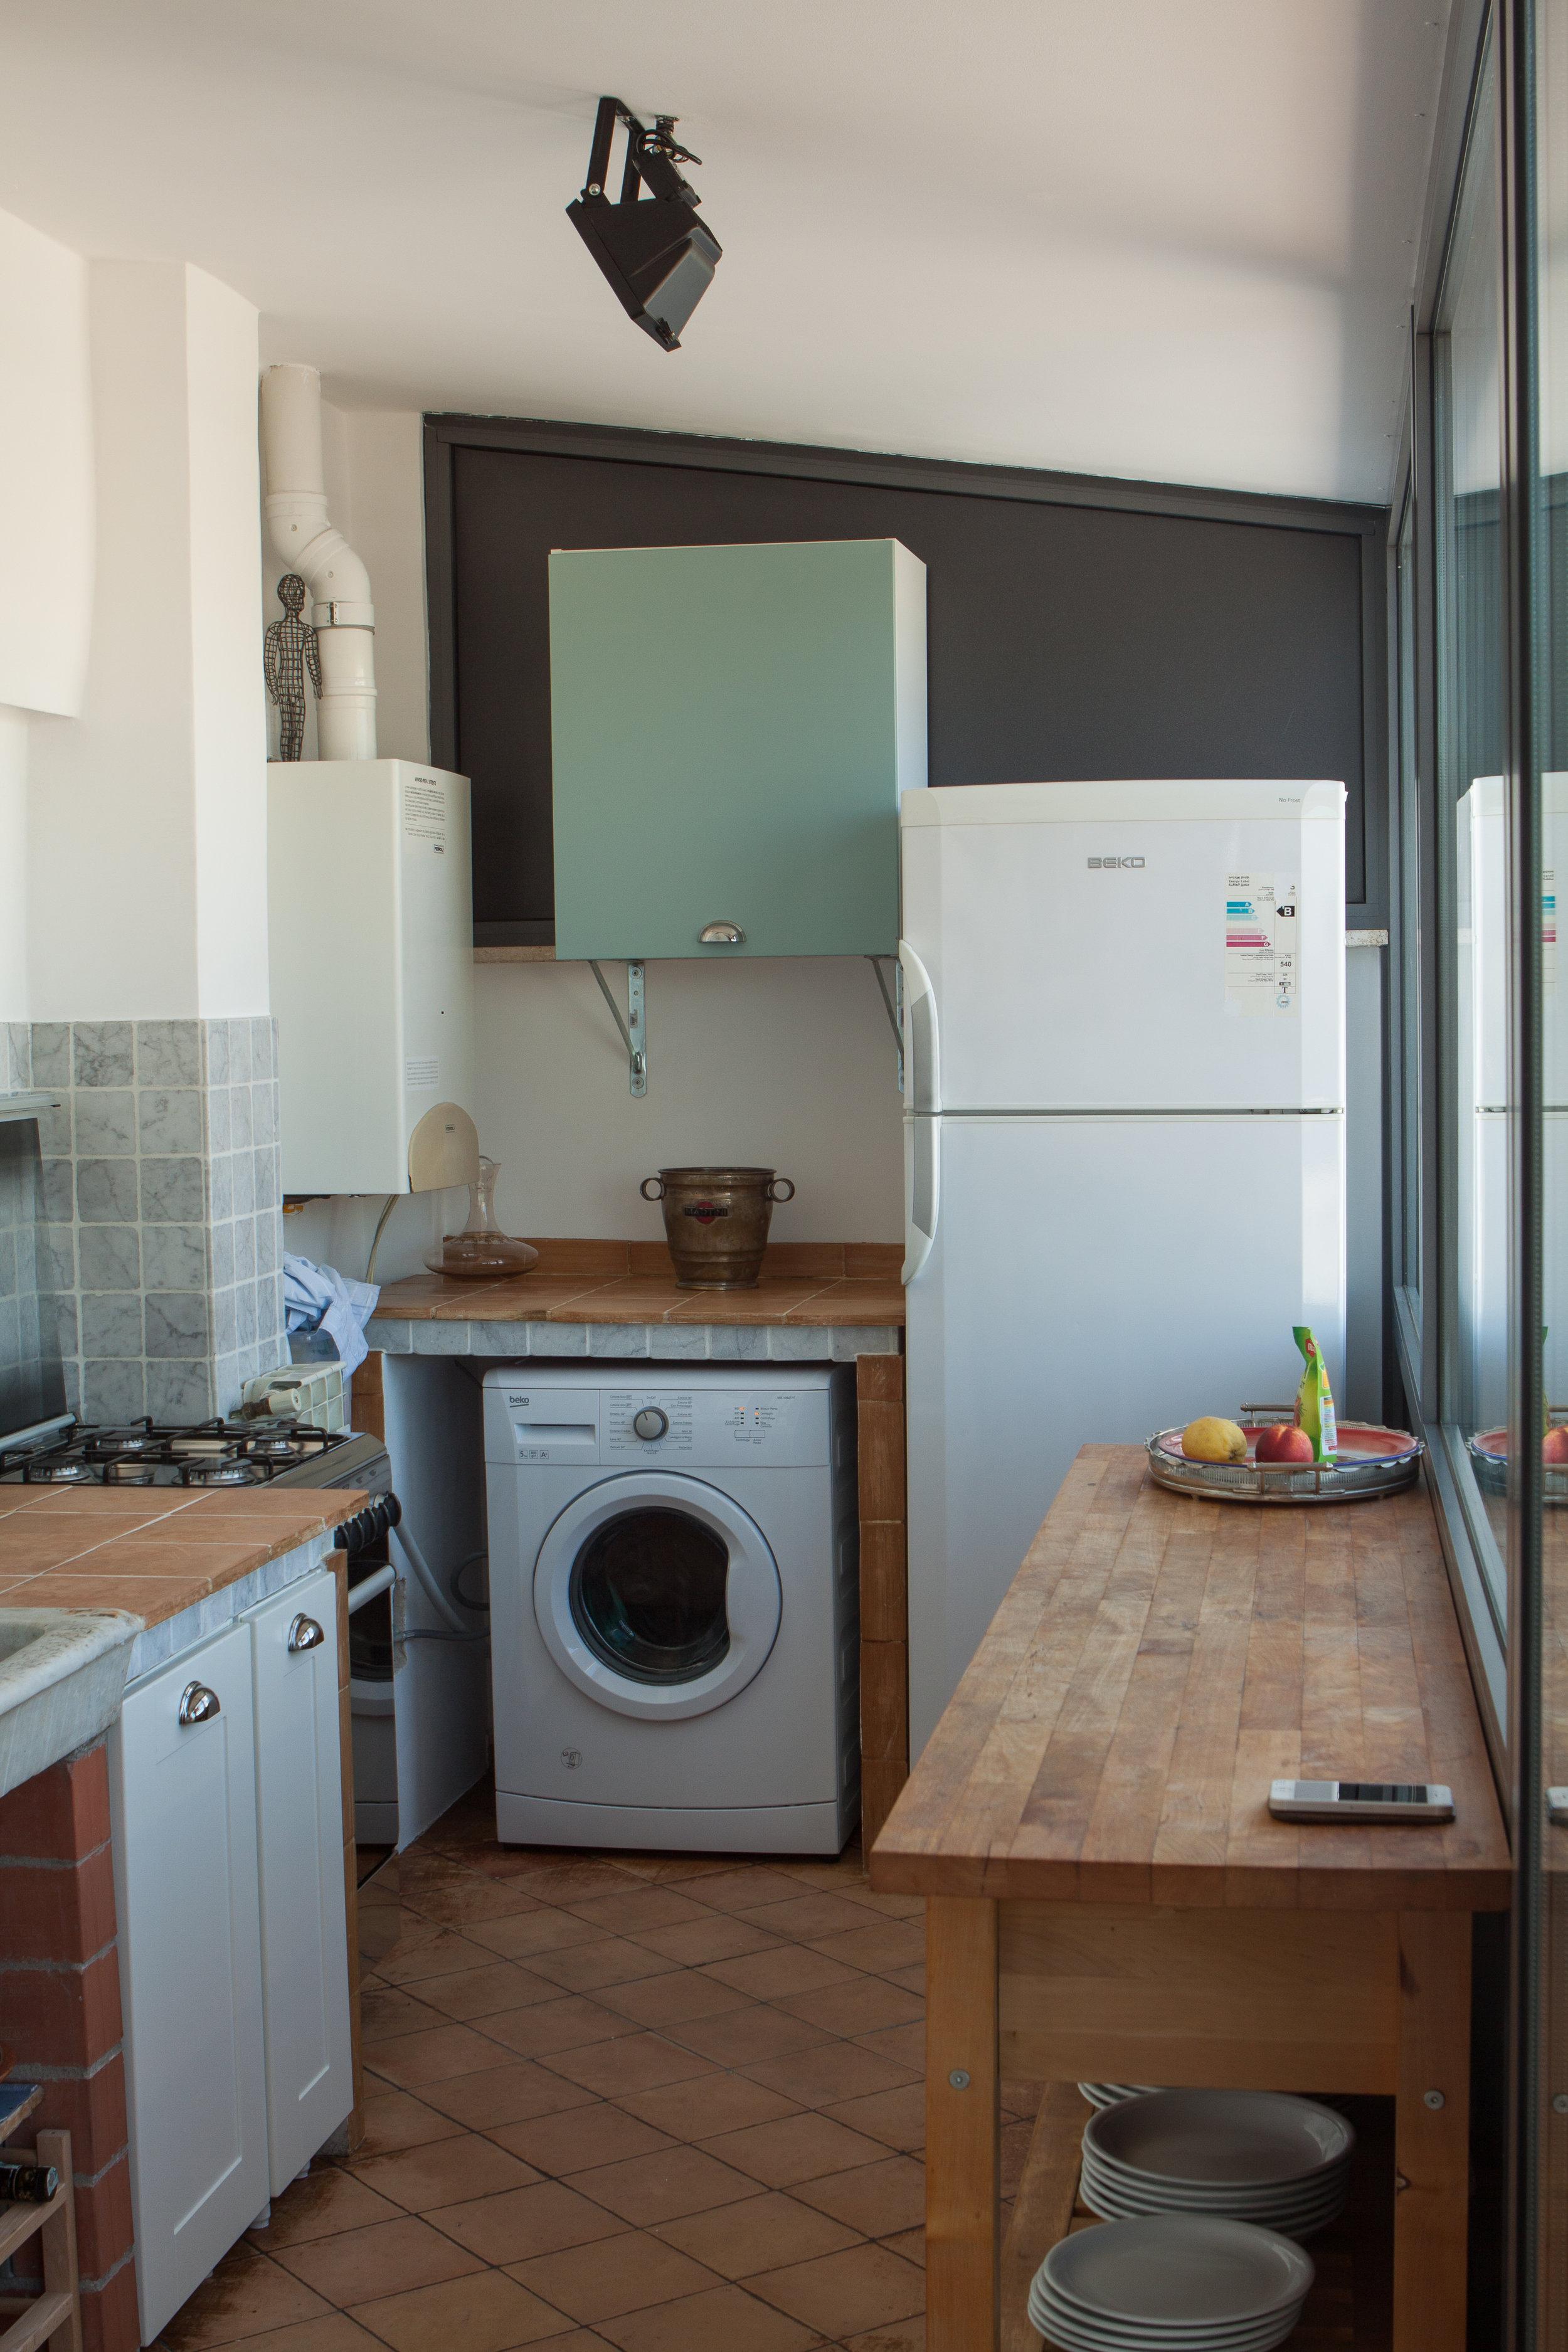 Rom VFT 20 cucina.jpg